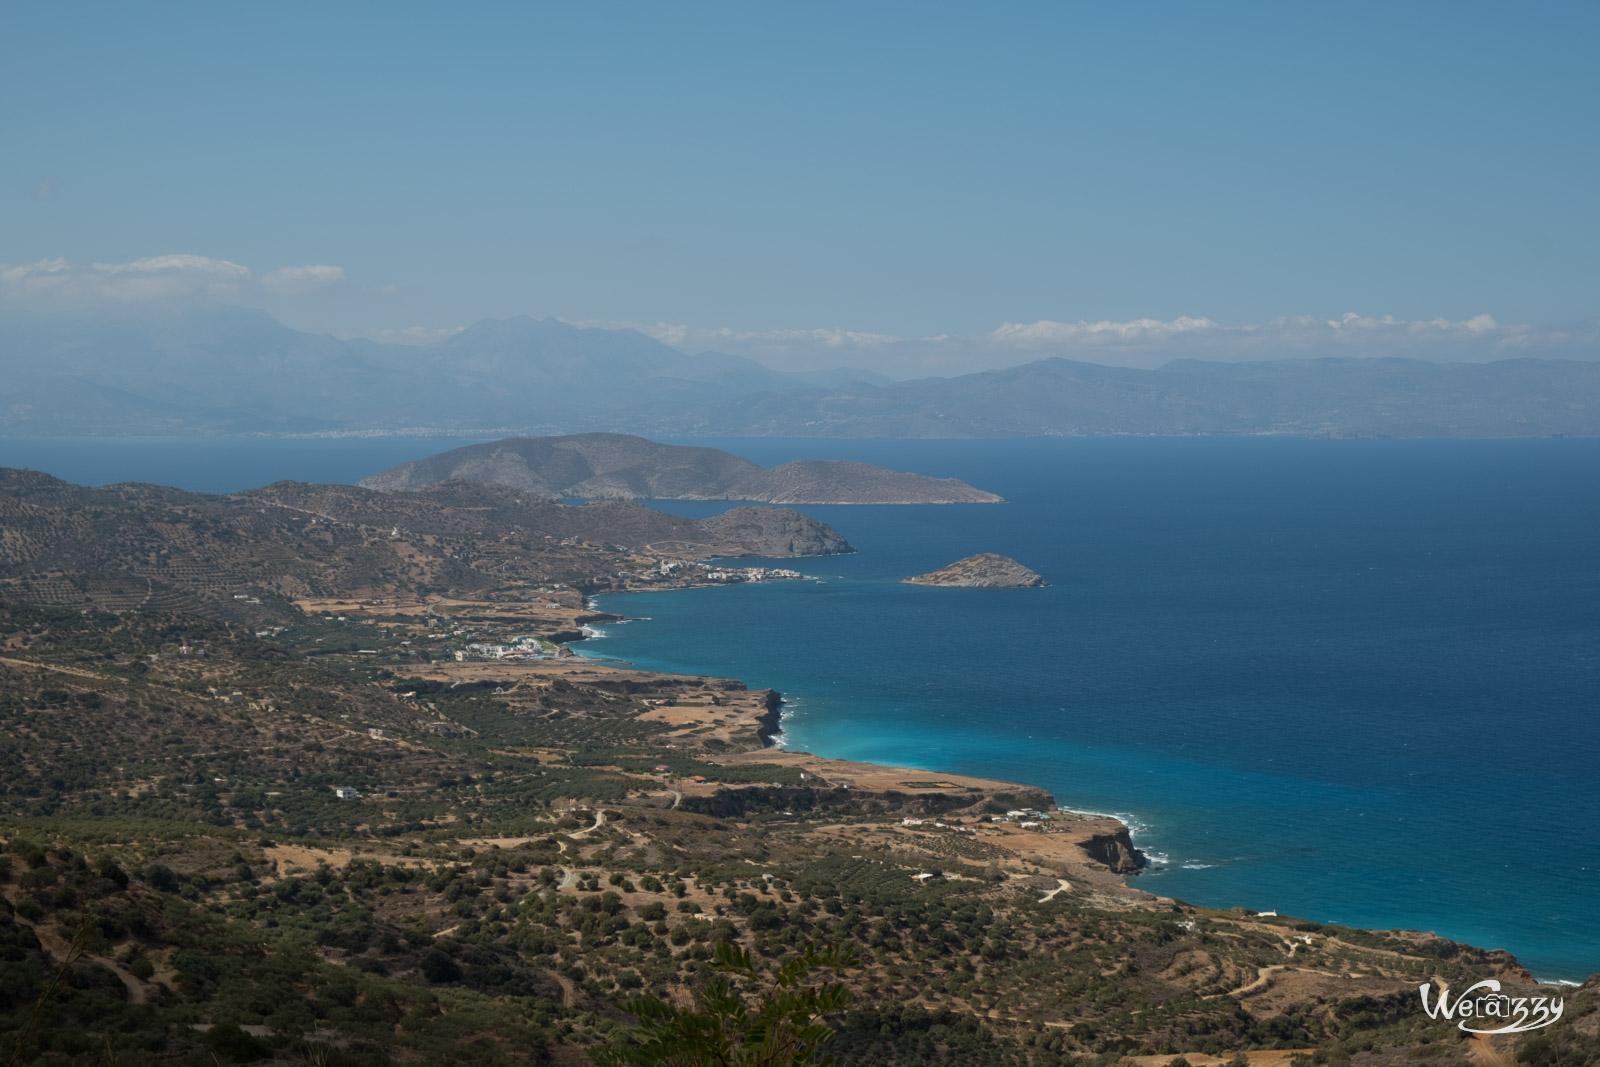 Vacances en Crète – Visite de l'île en mode randonnée